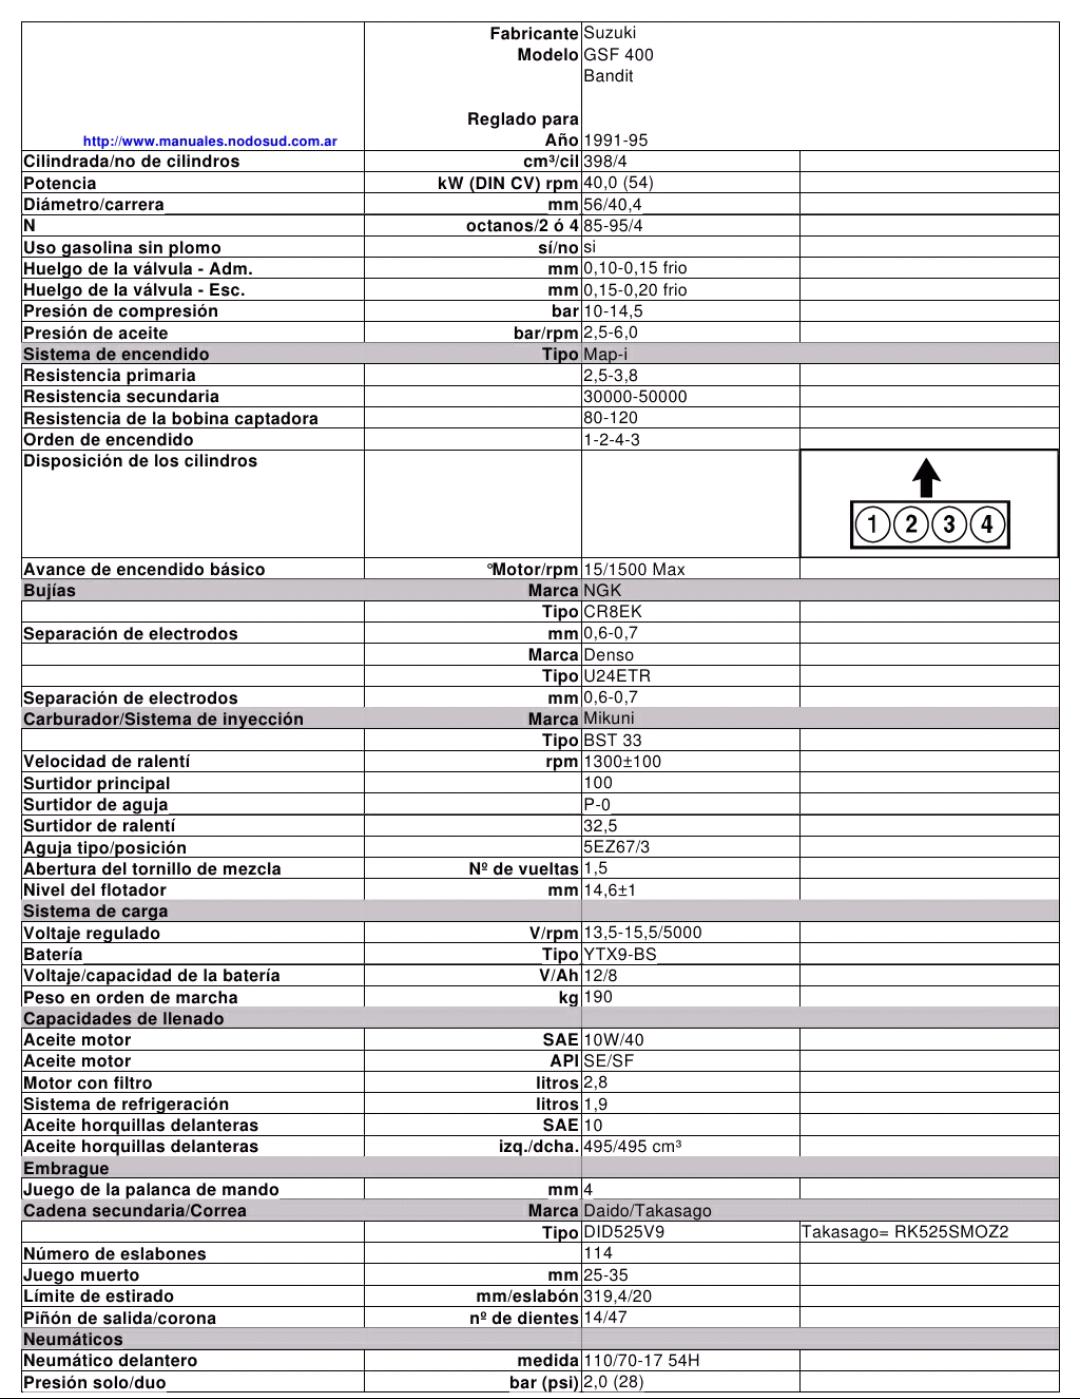 Datos técnicos GSF 400 2s0ib8x